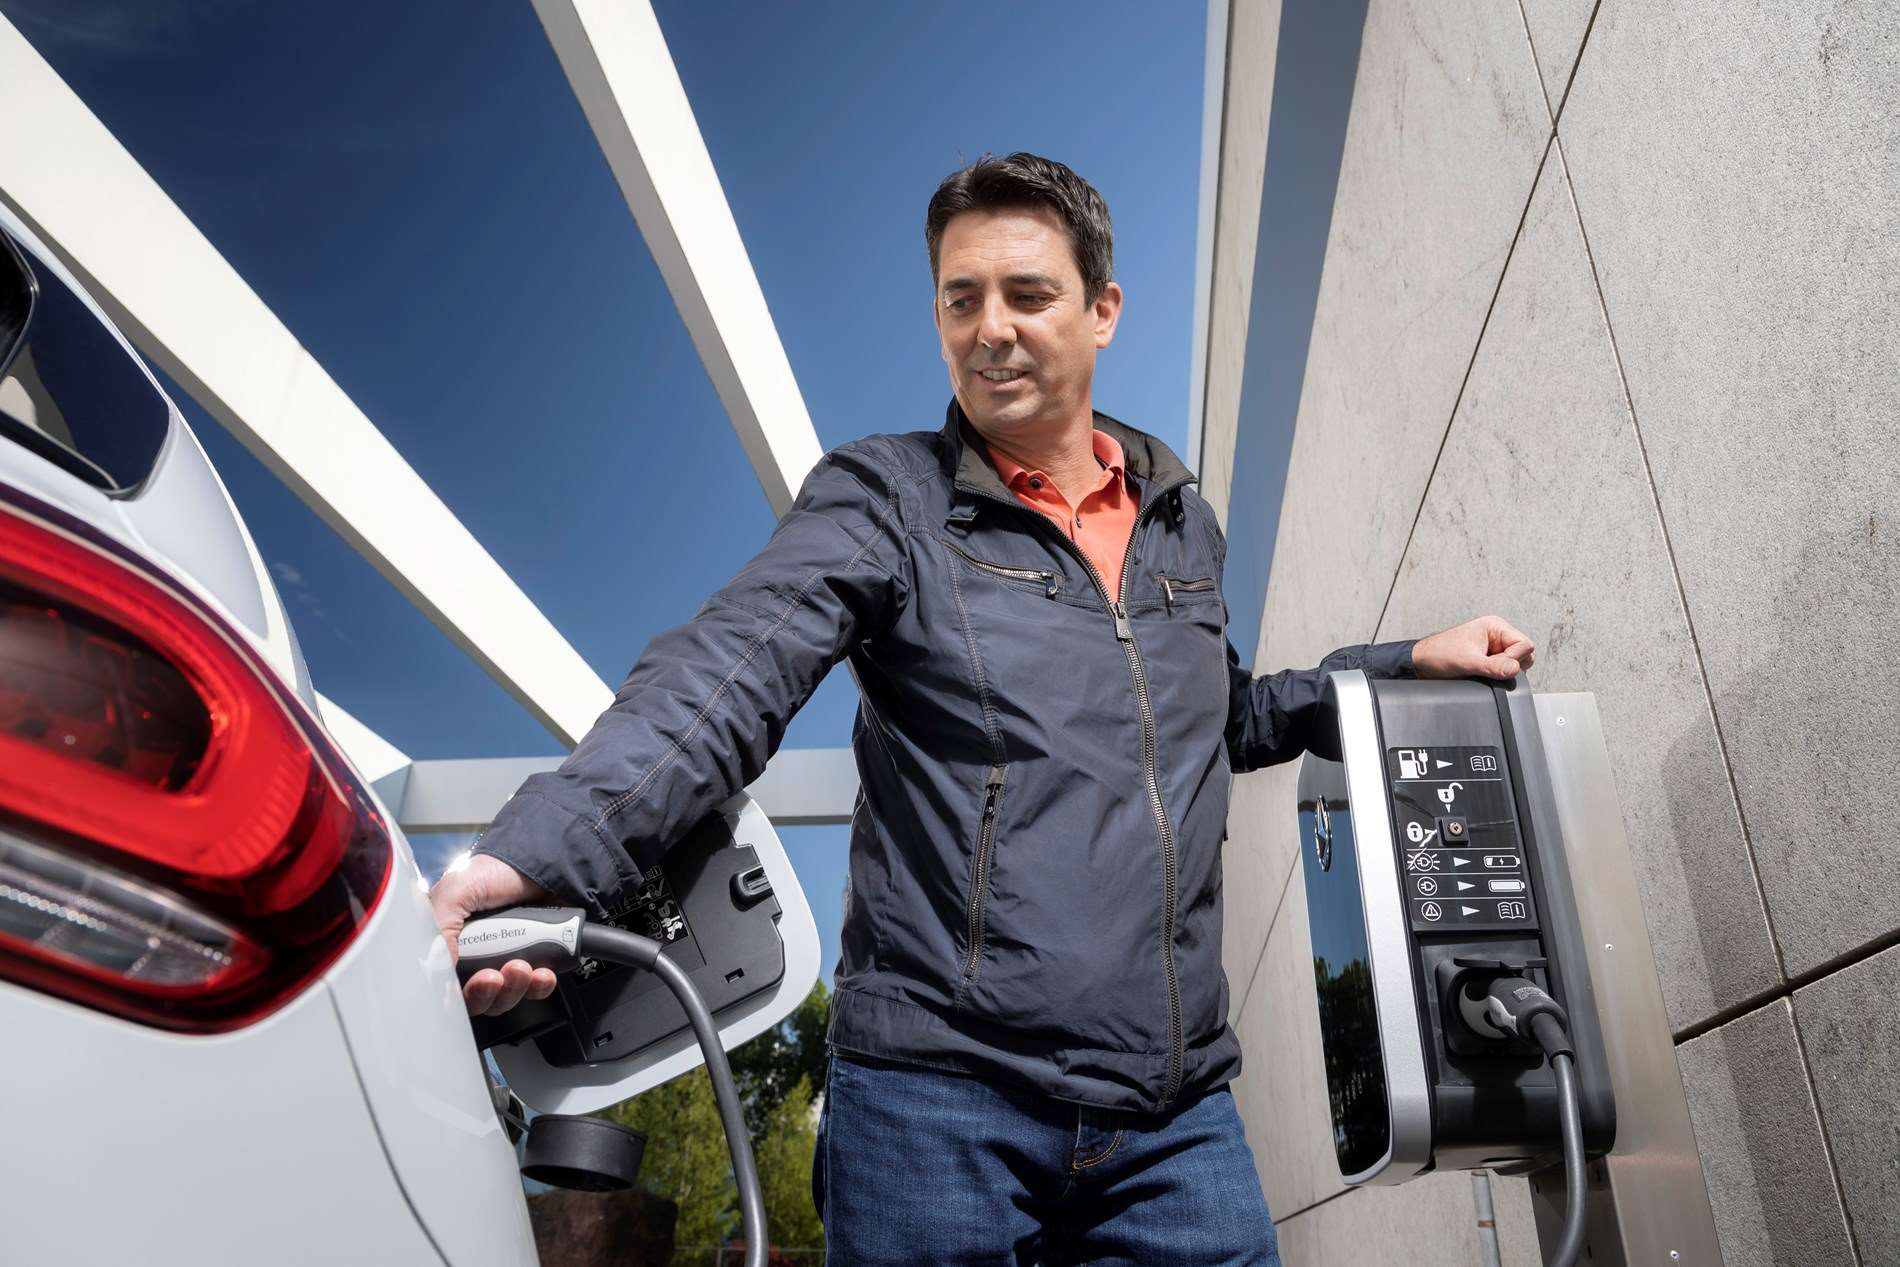 EQ Power : les plug-in hybrides introduisent l'électromobilité dans votre quotidien